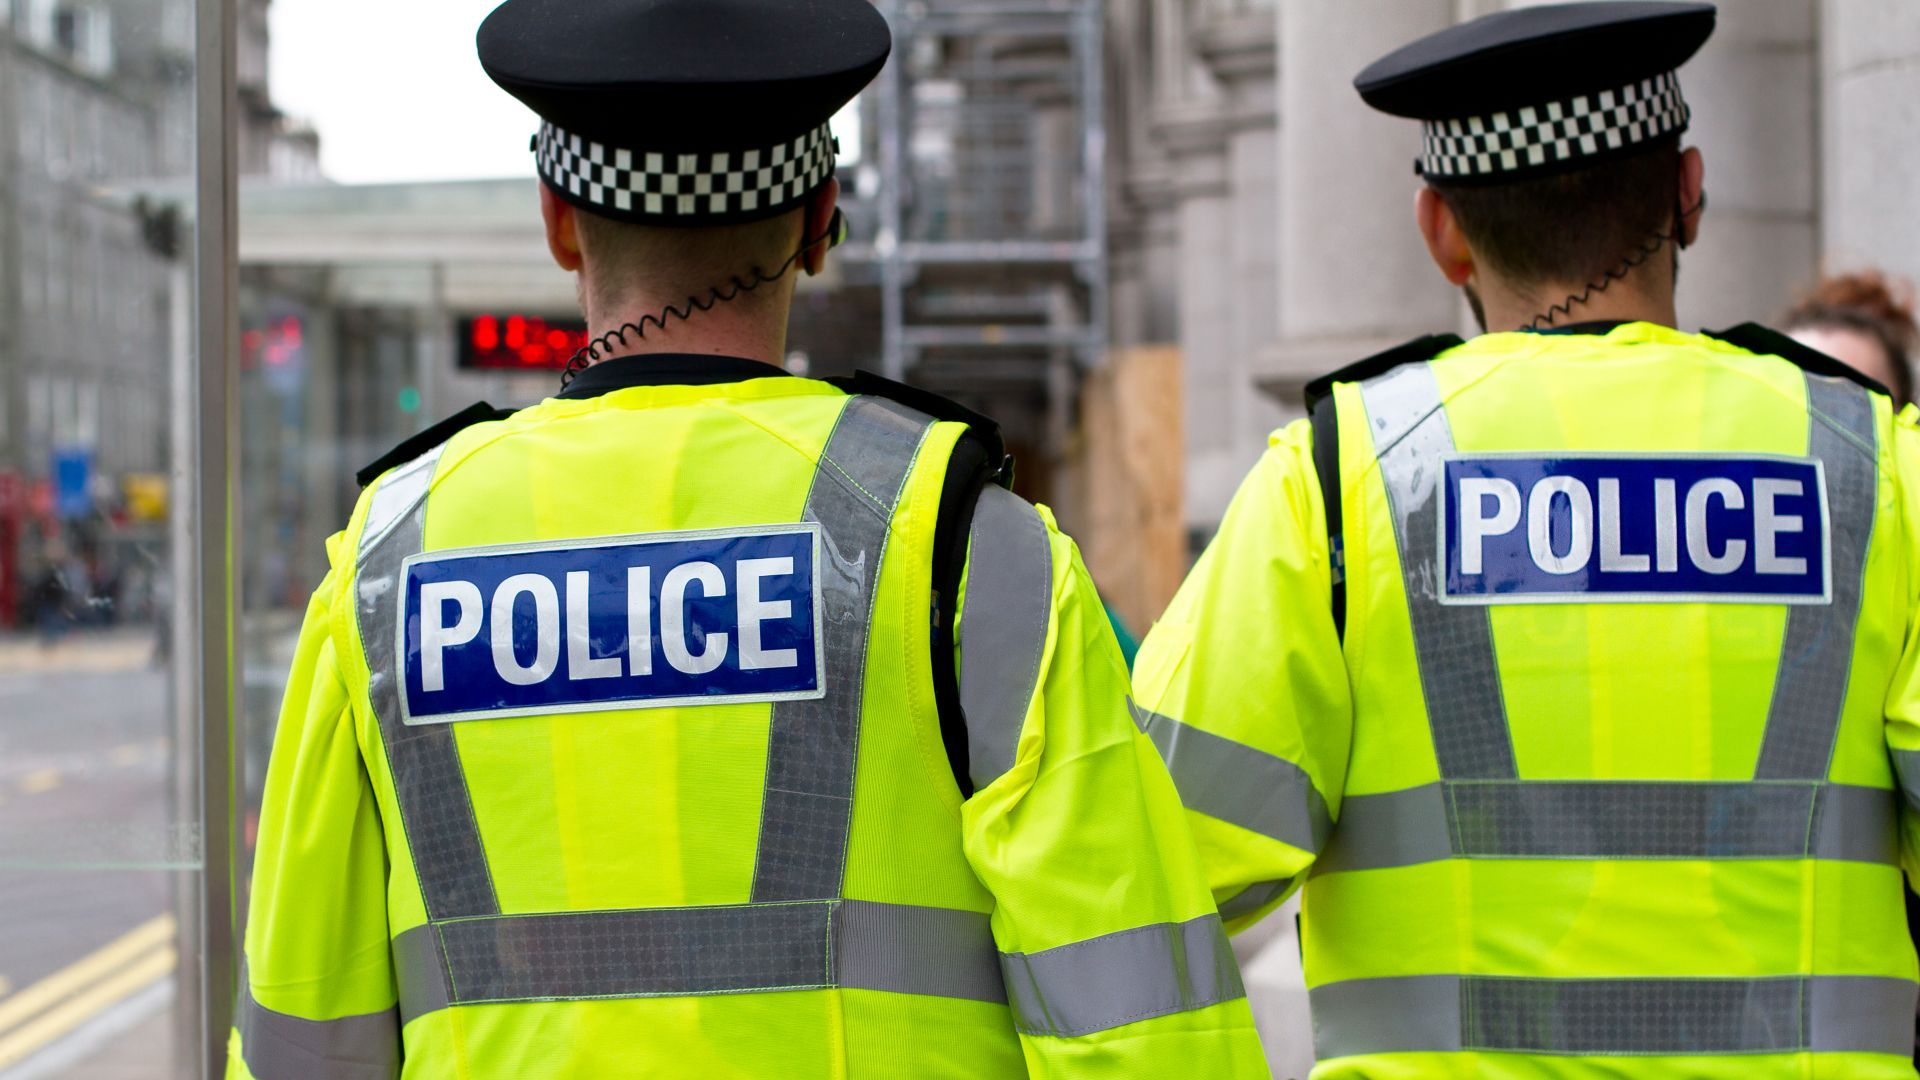 Затвориха улици до Британския парламент заради подозрително МПС, няма опасност (обновена)